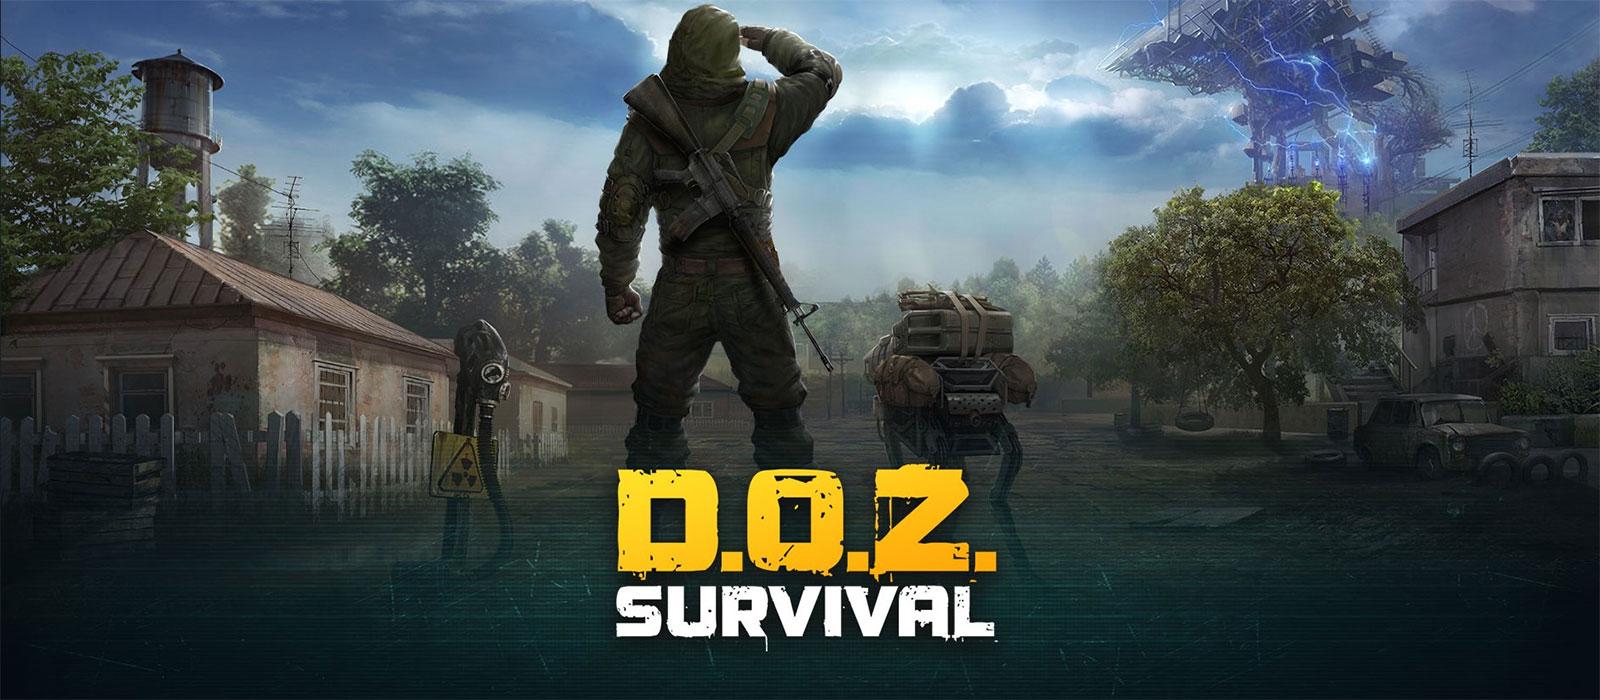 dawn of zombies mod apk